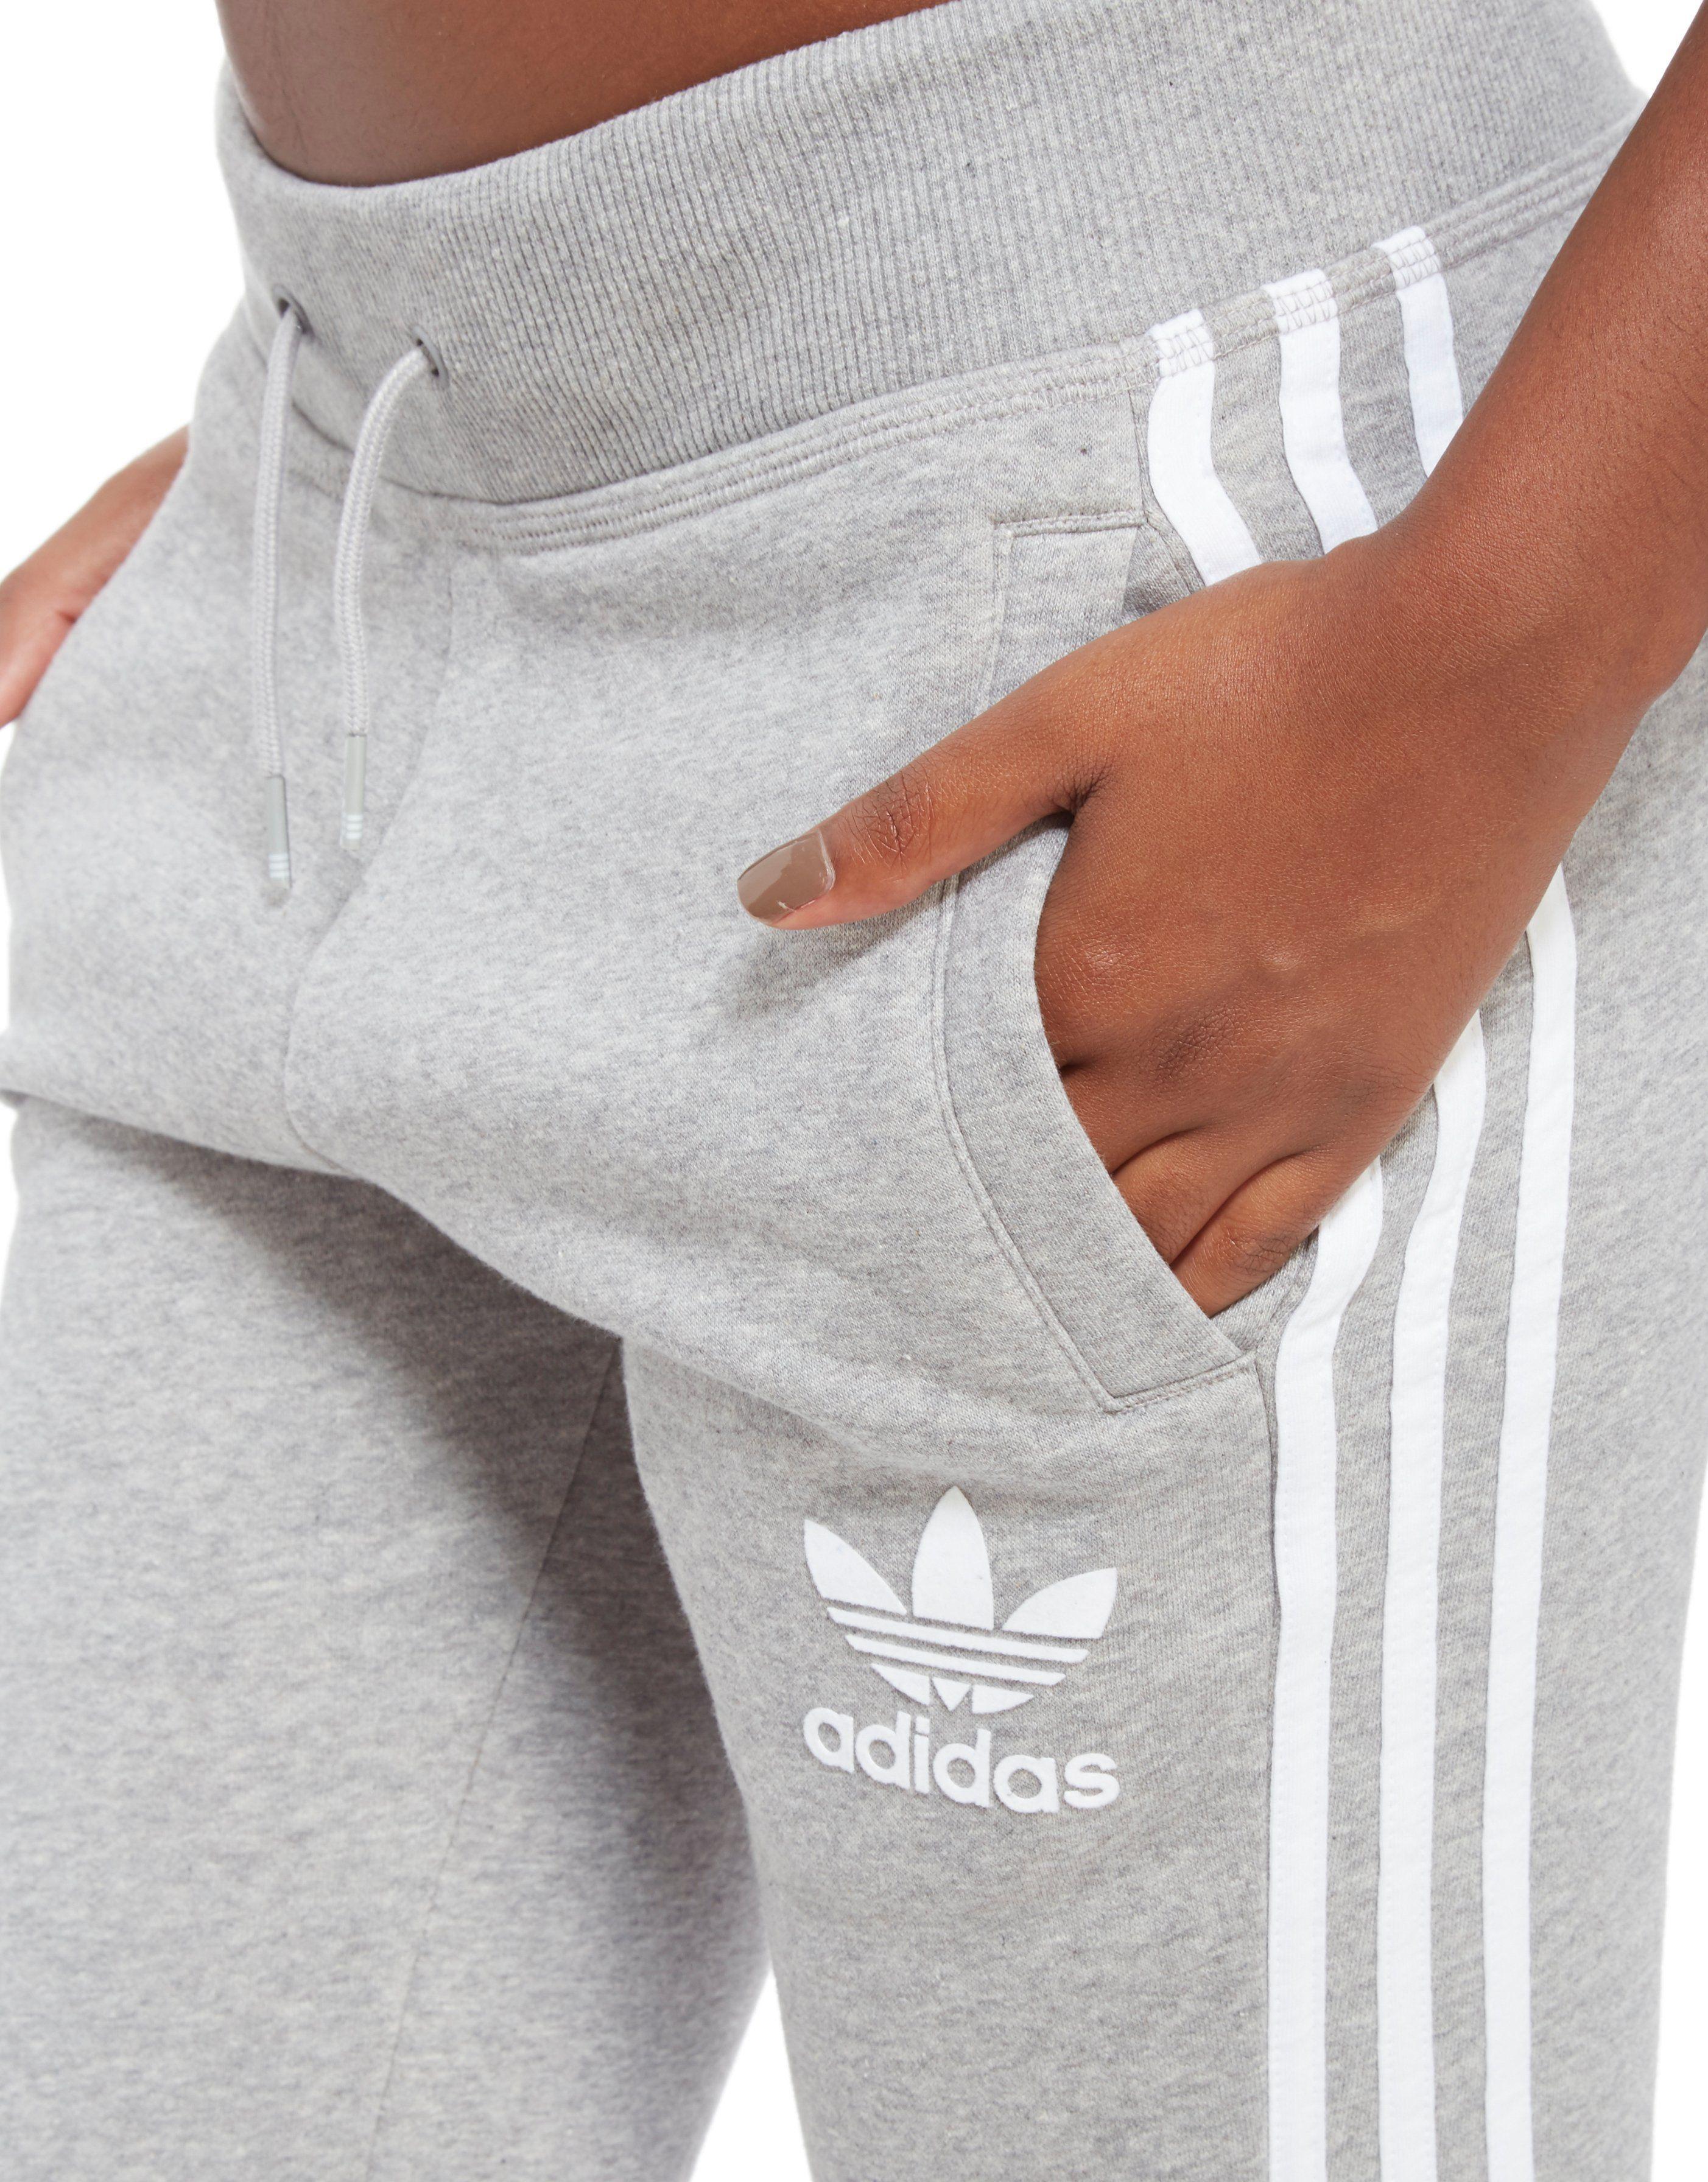 adidas Originals pantalón de chándal California Bottoms